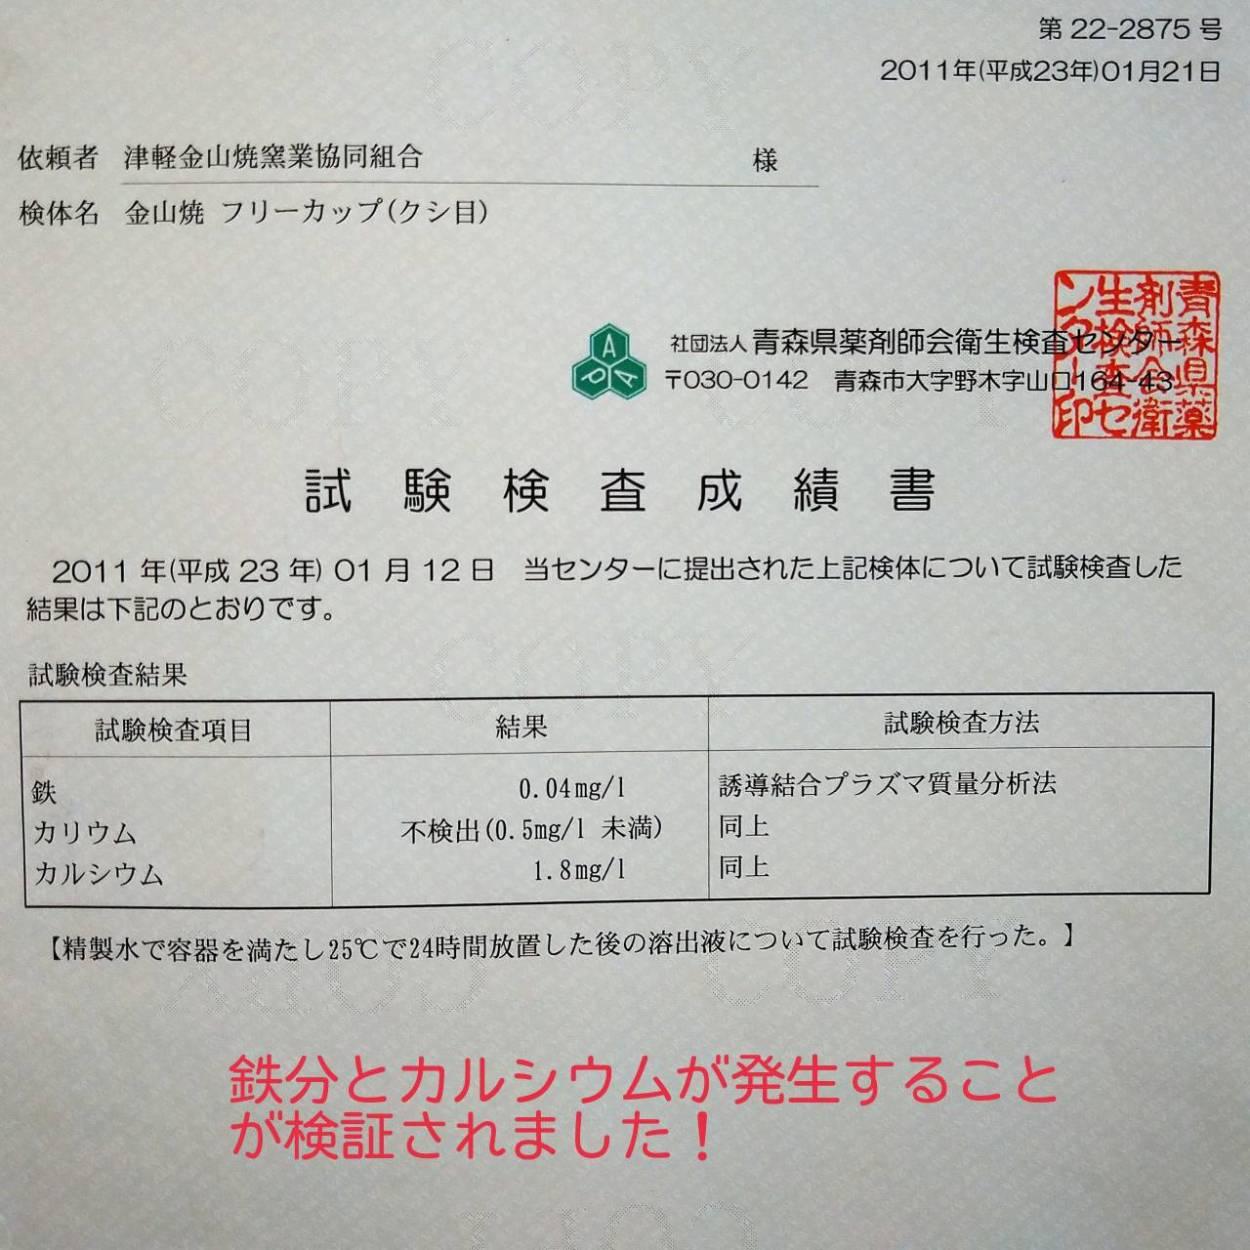 試験検査成績書